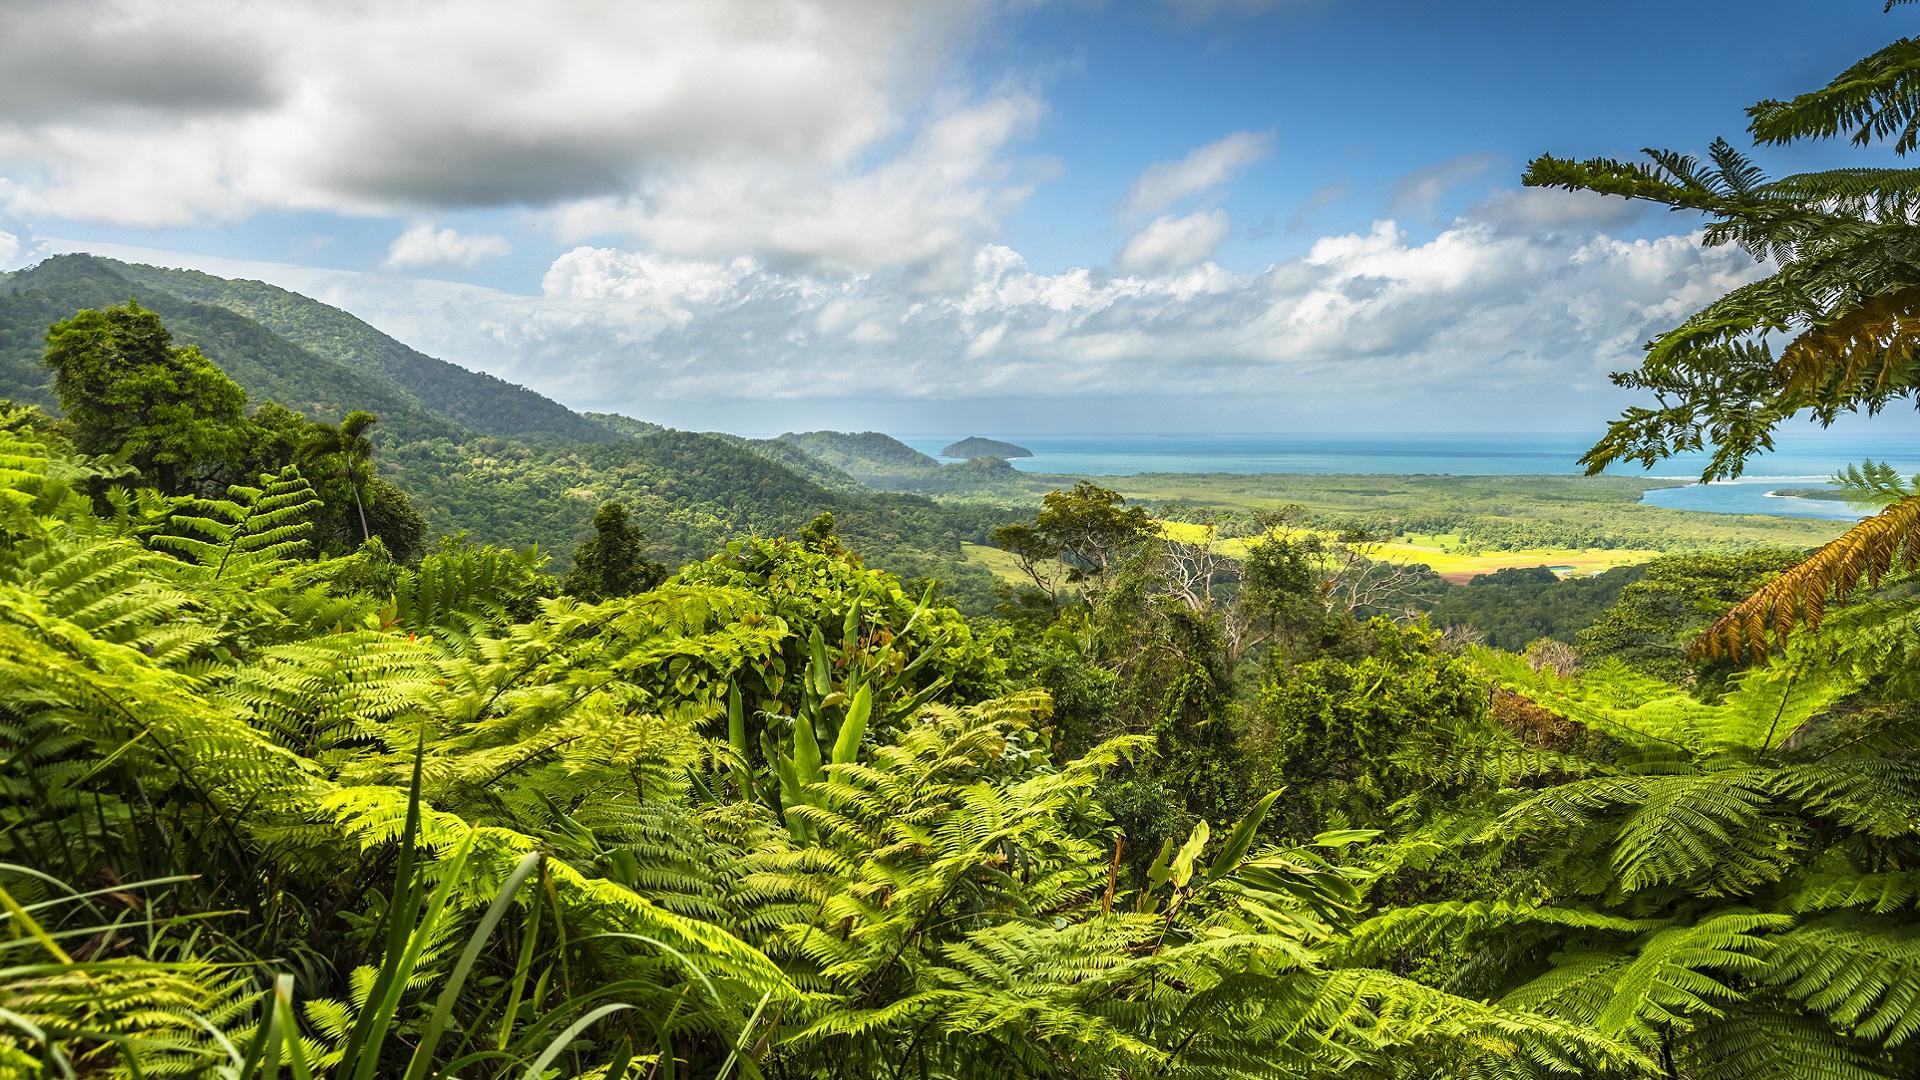 Green rainforest in Queensland